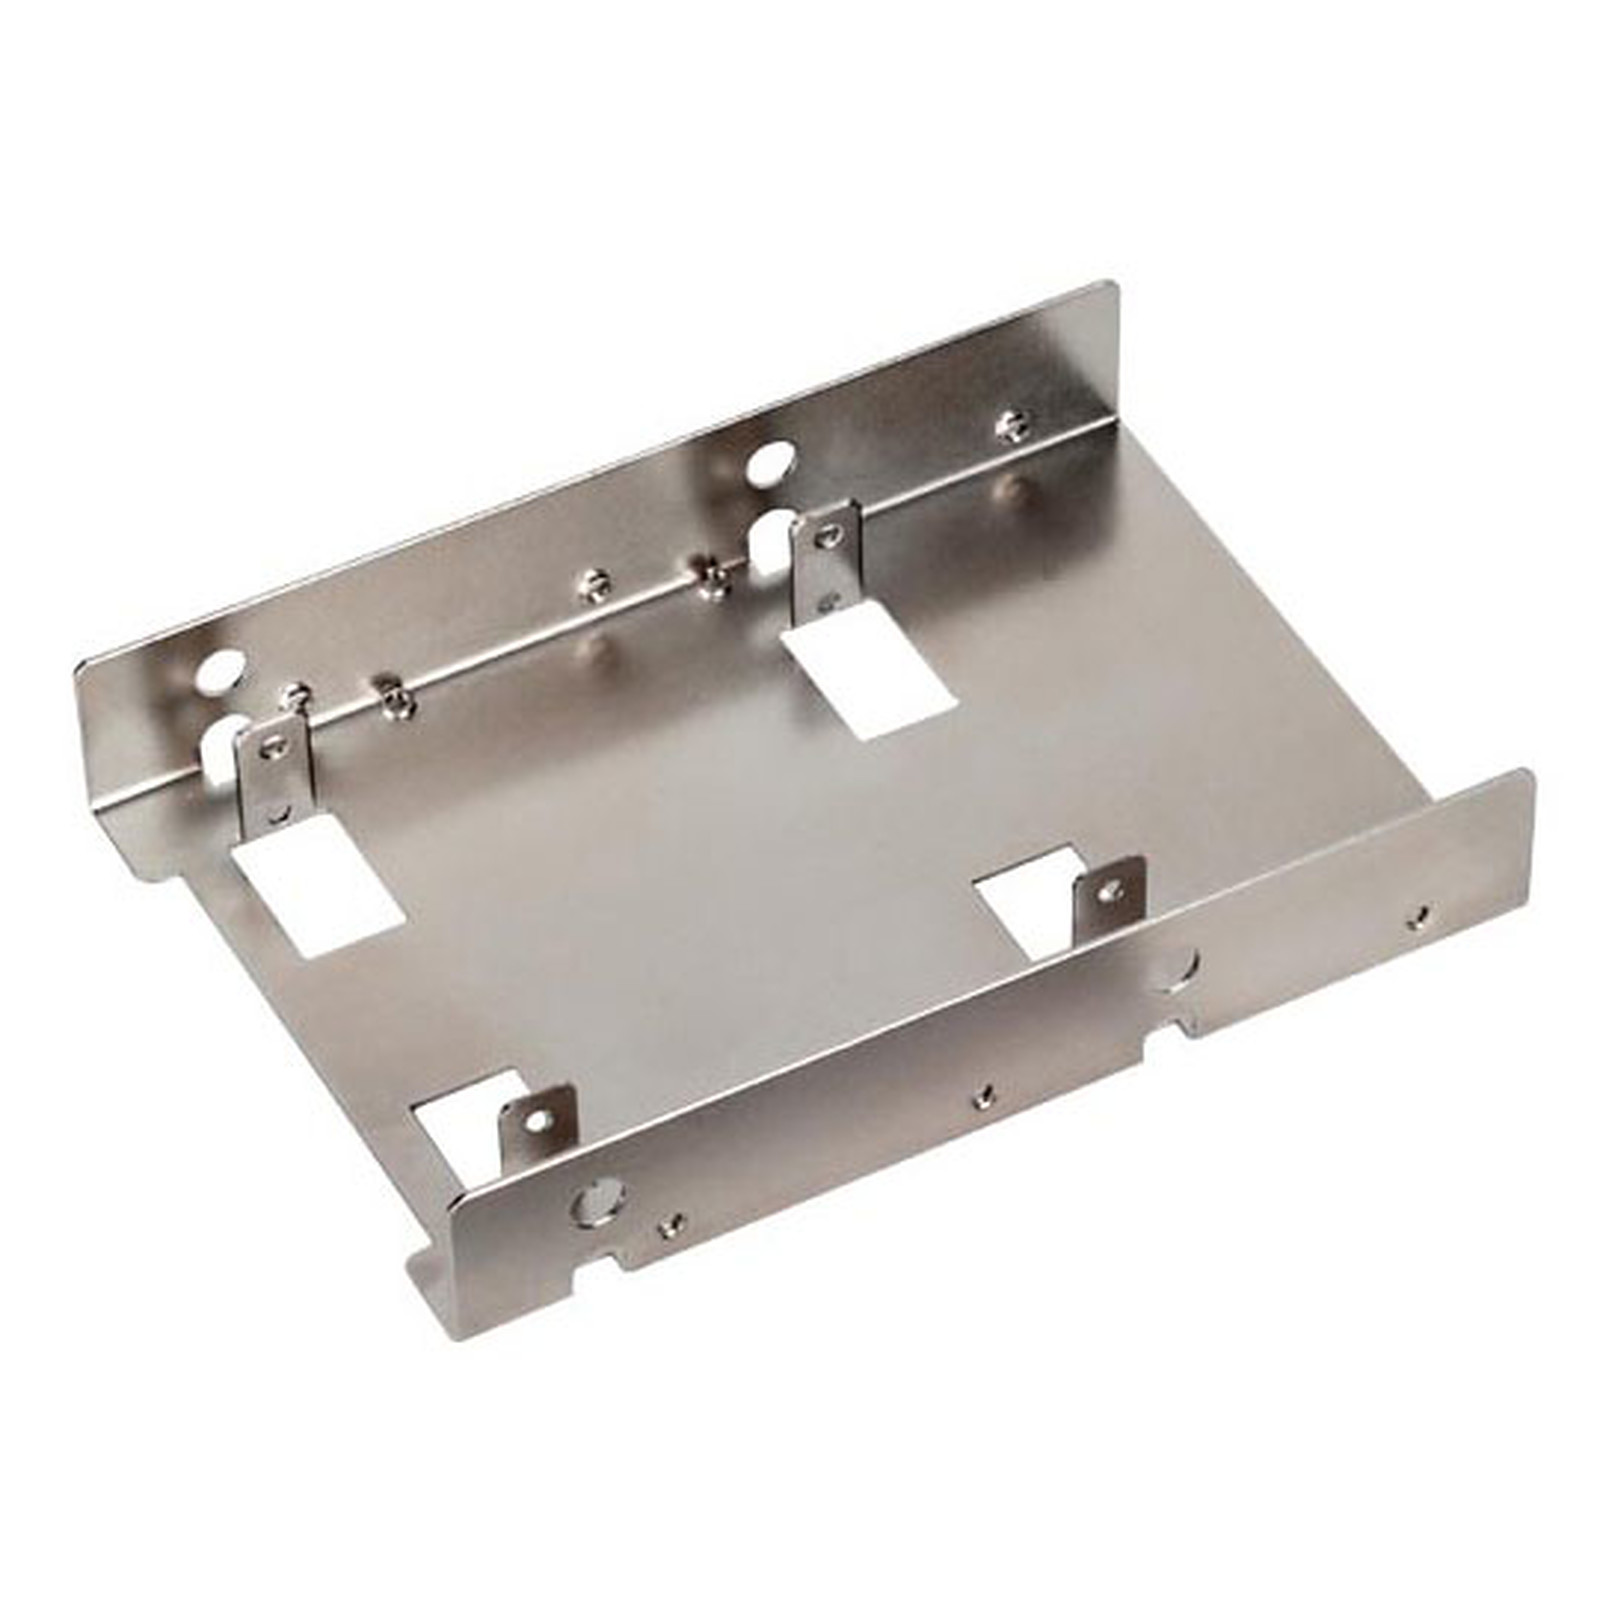 SilverStone SDP08 (argent)